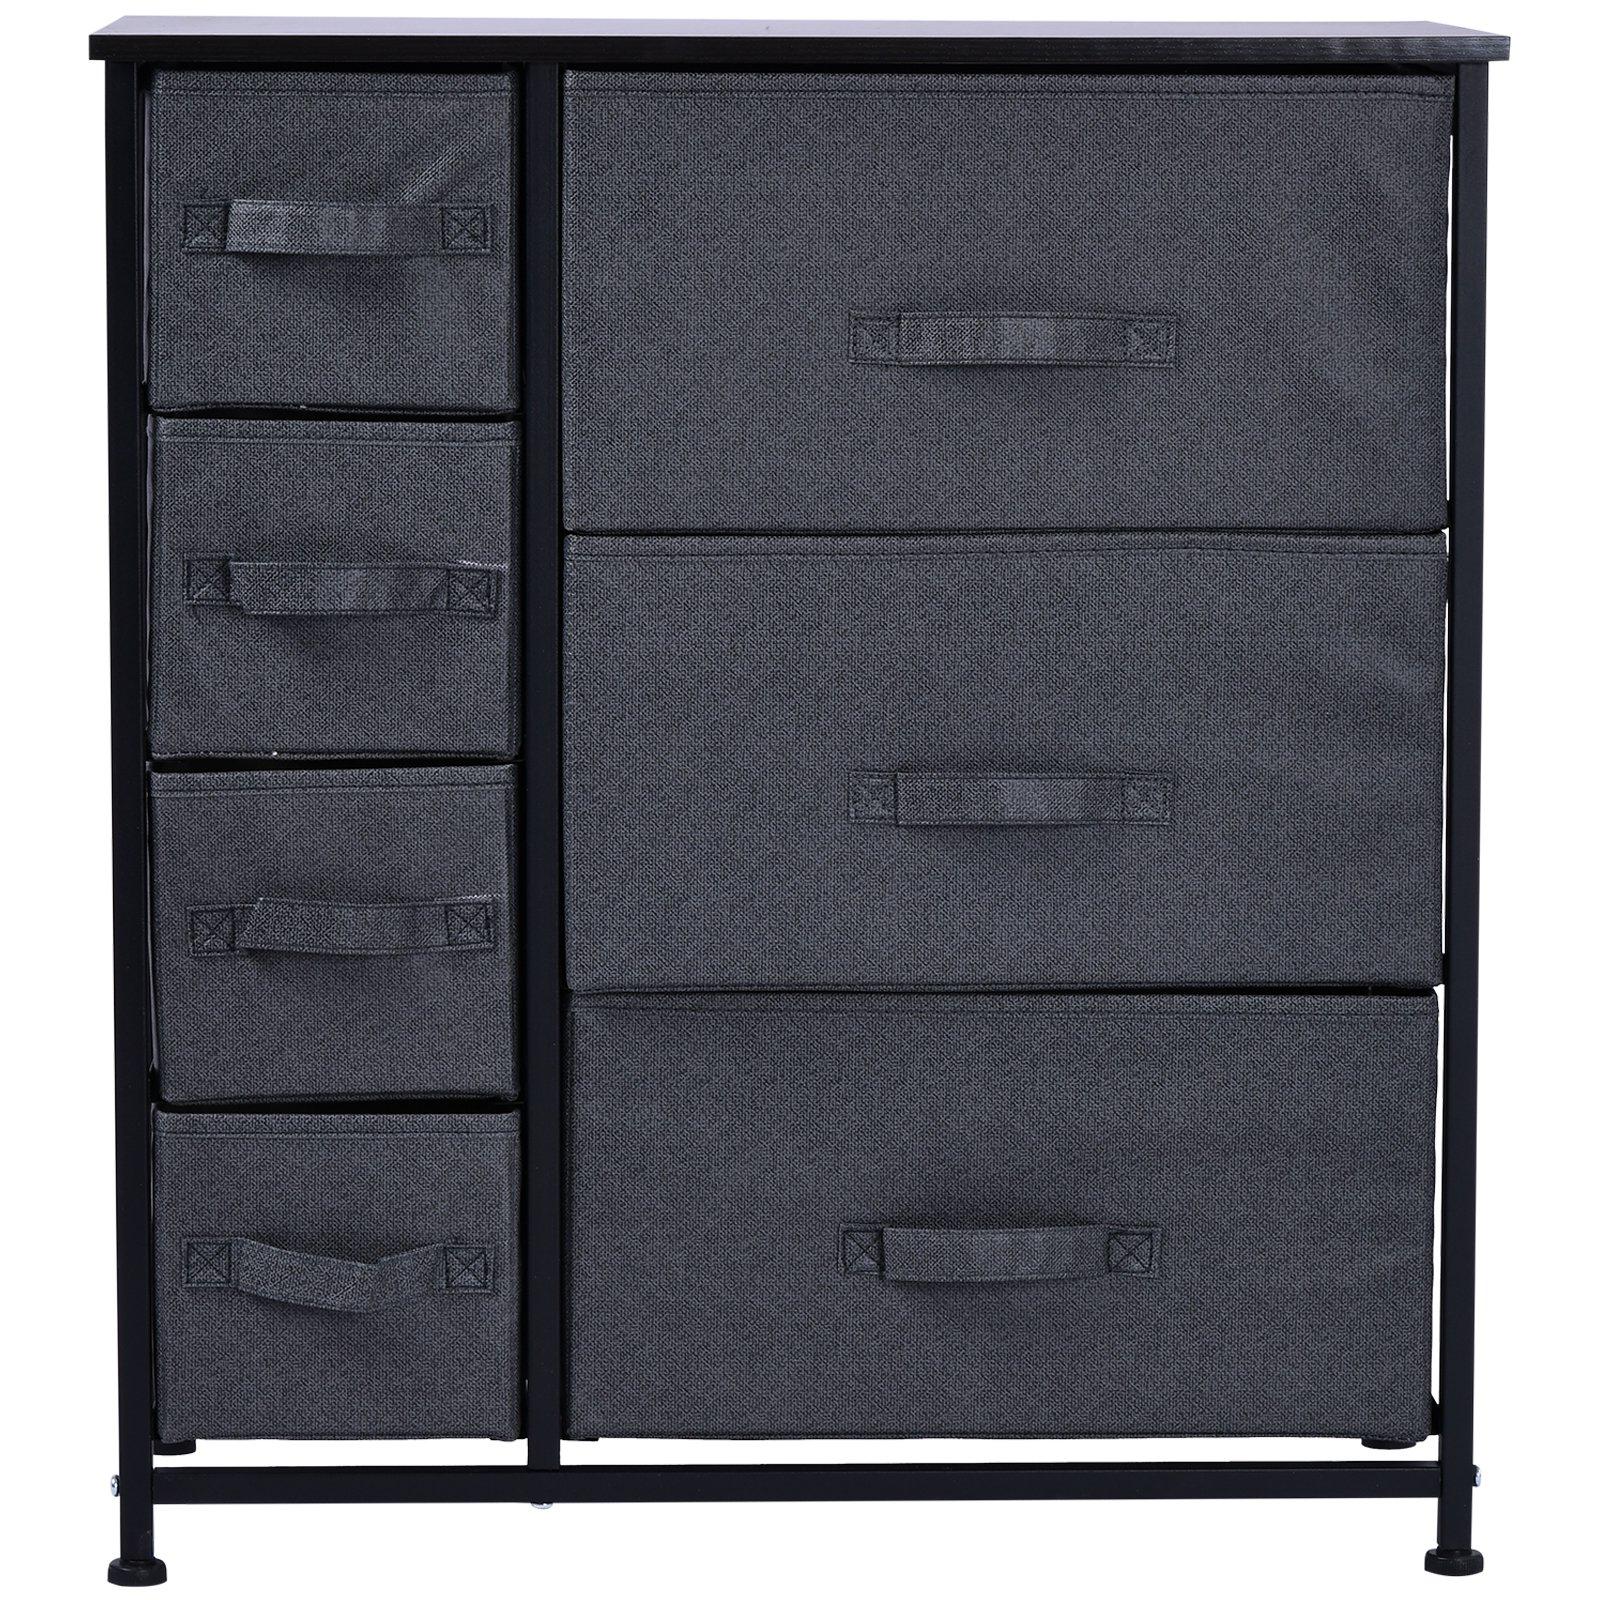 Homcom Meuble de rangement commode design 64L x 30l x 71H cm 7 tiroirs métal MDF non tissé noir